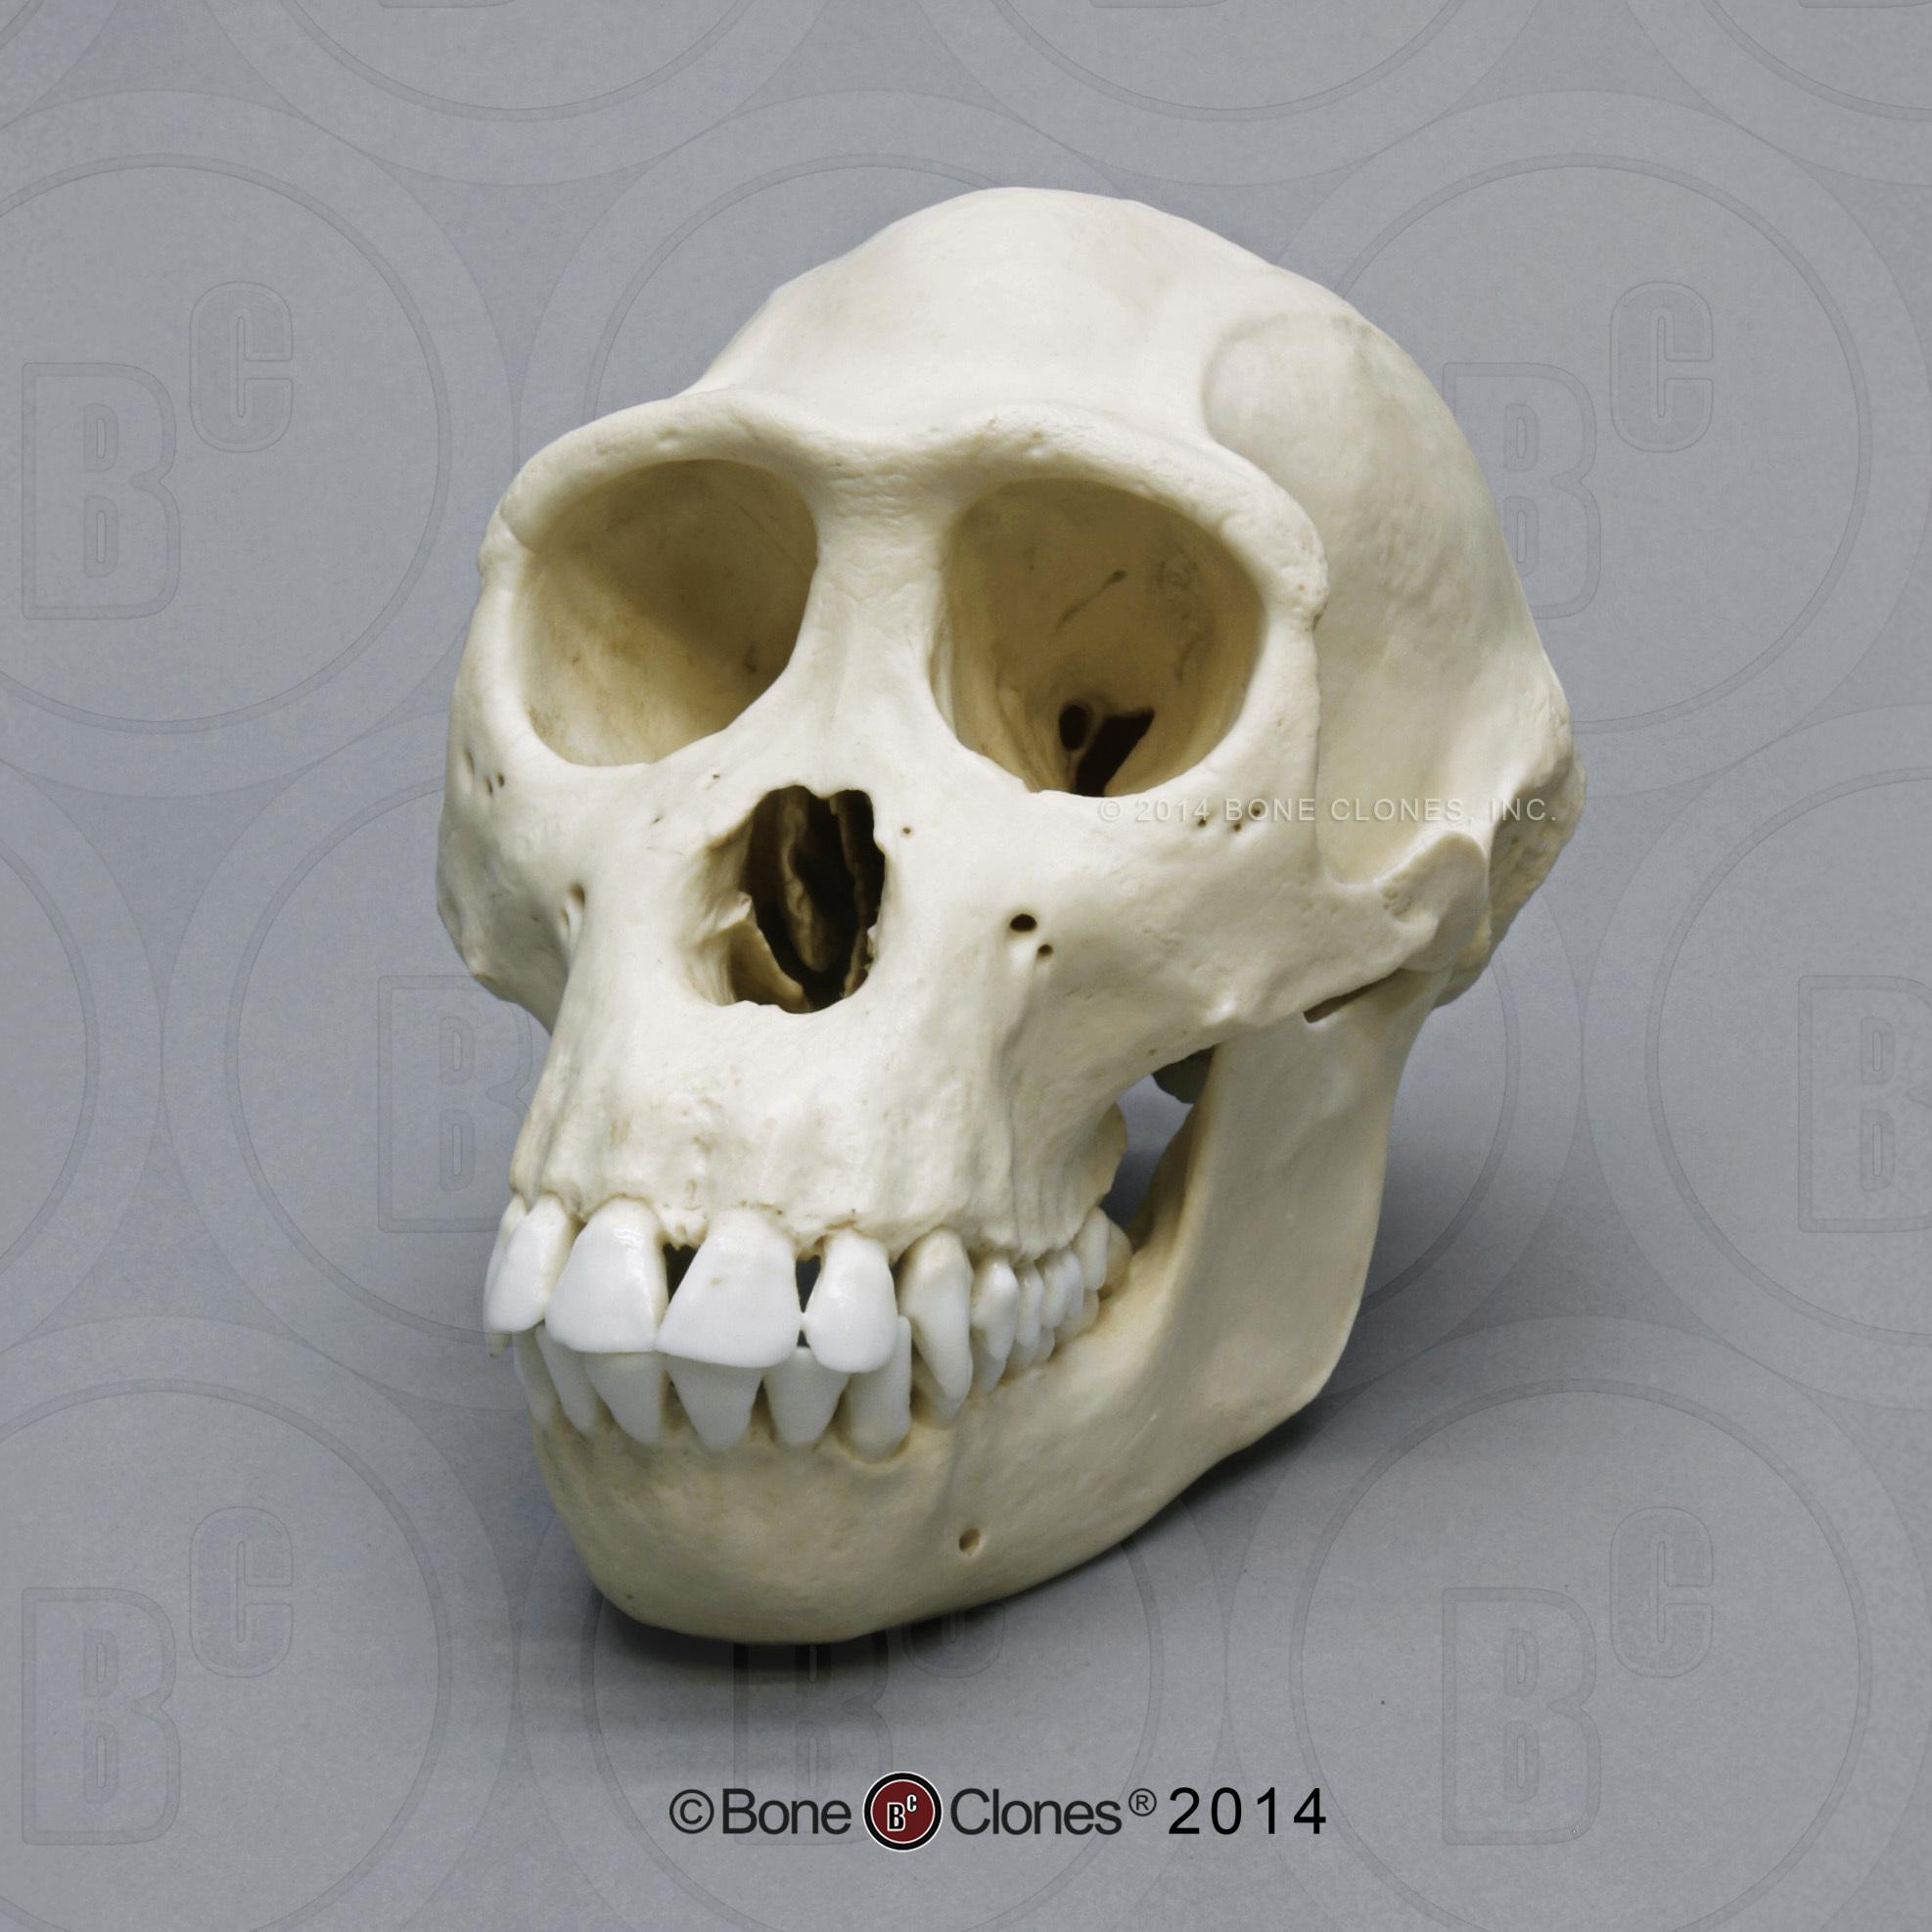 Female Bonobo Skull - Bone Clones, Inc. - Osteological ...